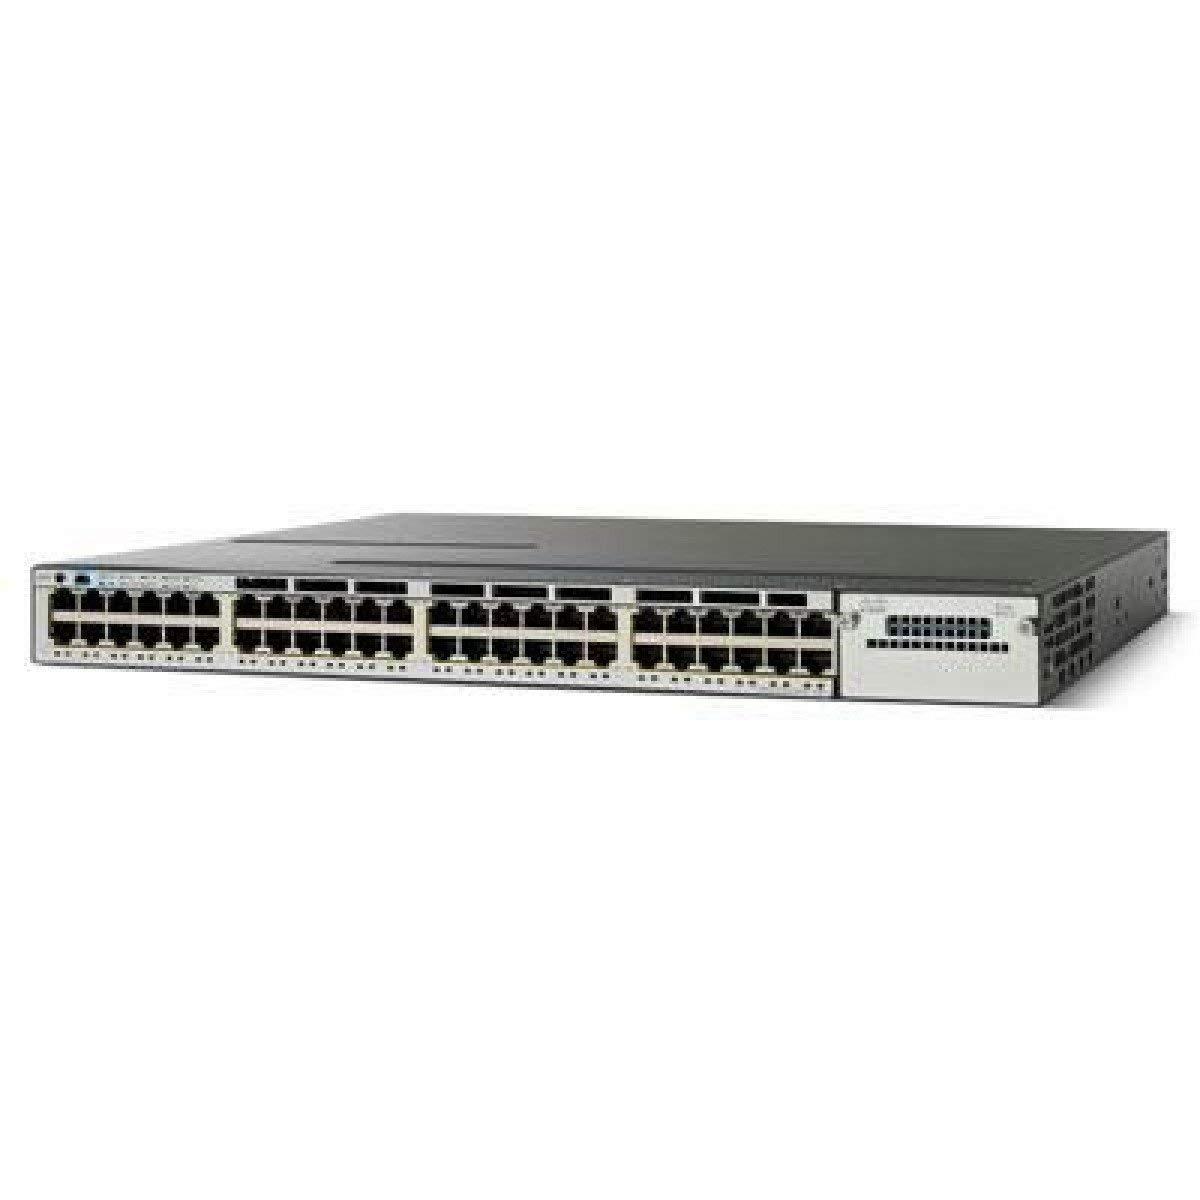 Cisco Catalyst 3750X-48P-S Switch (WS-C3750X-48P-S)